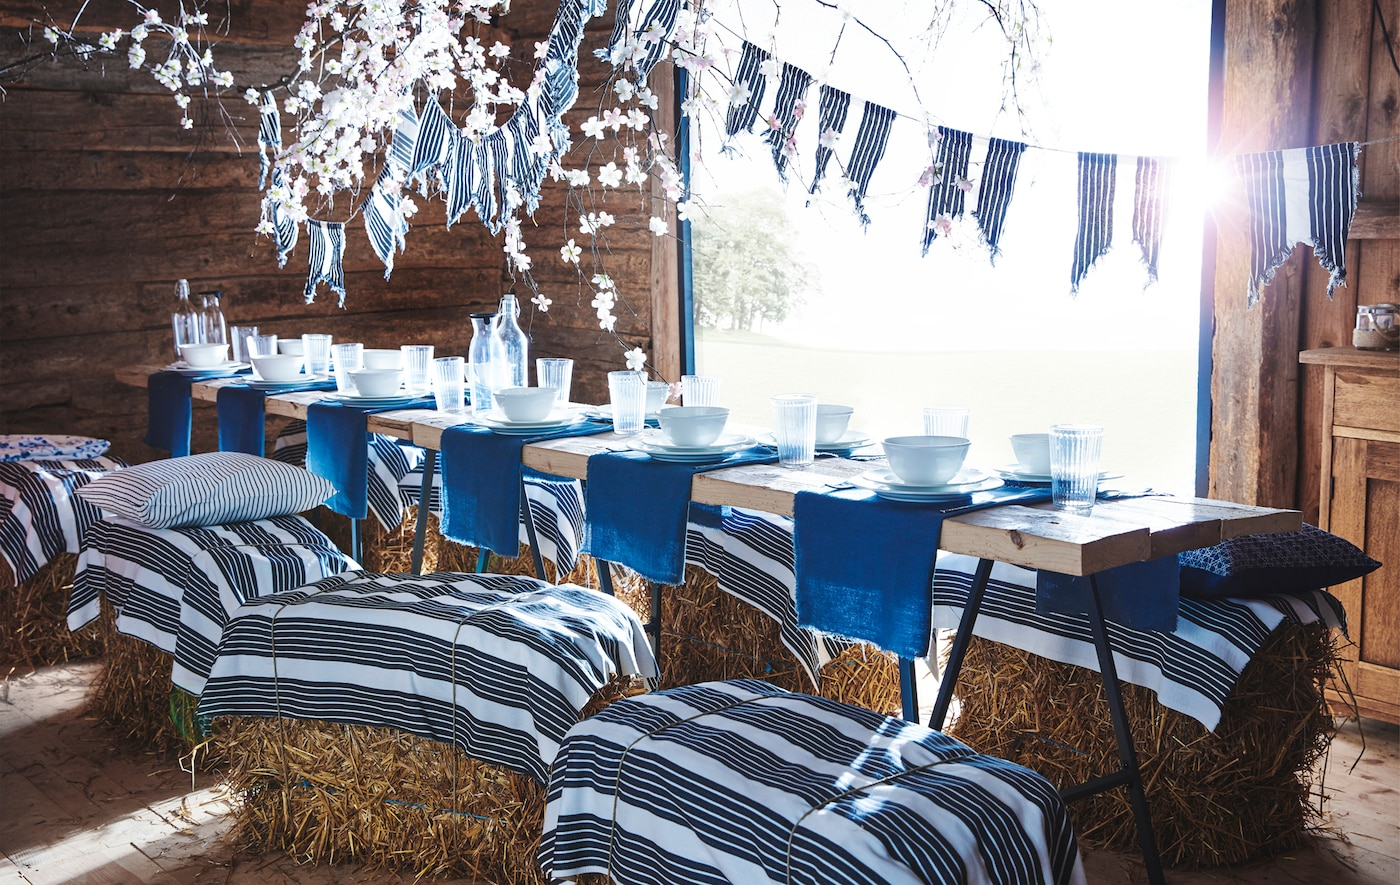 طاولة طويلة في حظيرة خشبية مع أدوات مائدة زرقاء وبيضاء، وقماش مخطط يستخدم كرايات مربوطة على بالات القش المستخدمة كمقاعد.